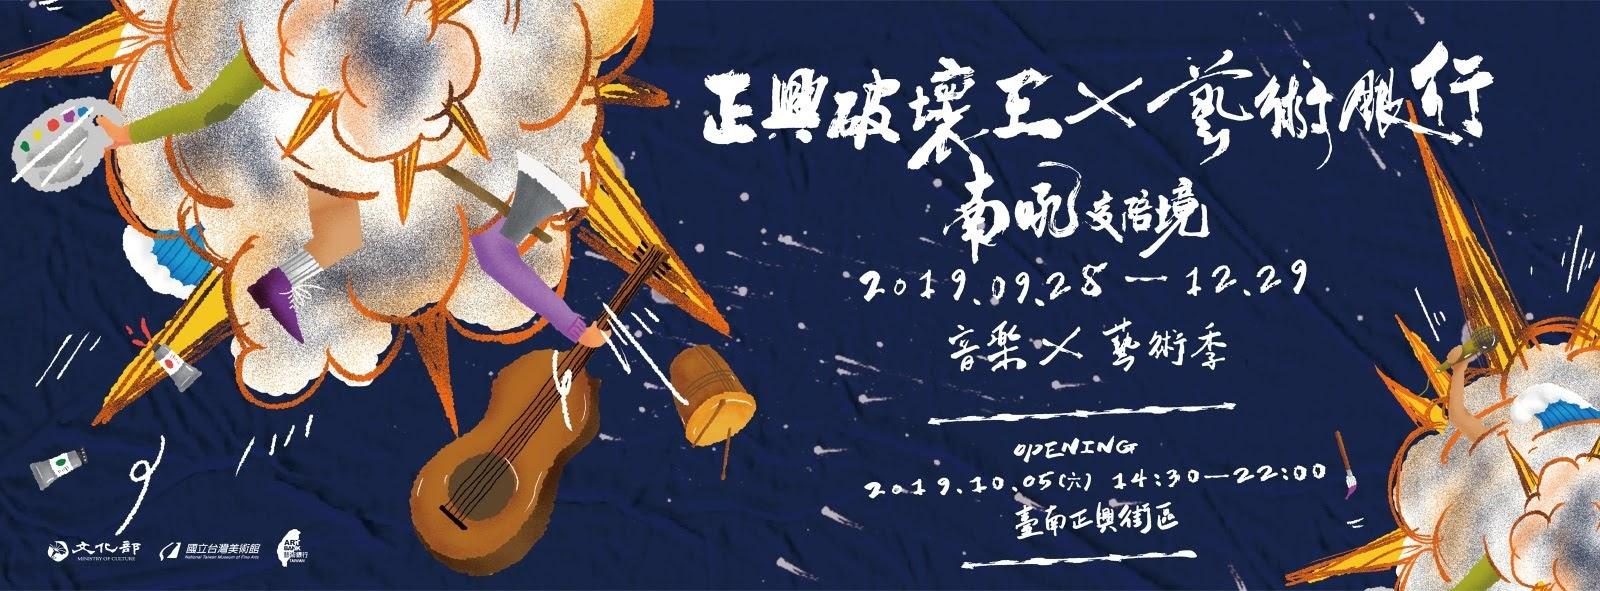 正港台南人的音樂祭!正興破壞王-南吼交陪境|10/5藝術跨界音樂-搖擺南台灣|活動